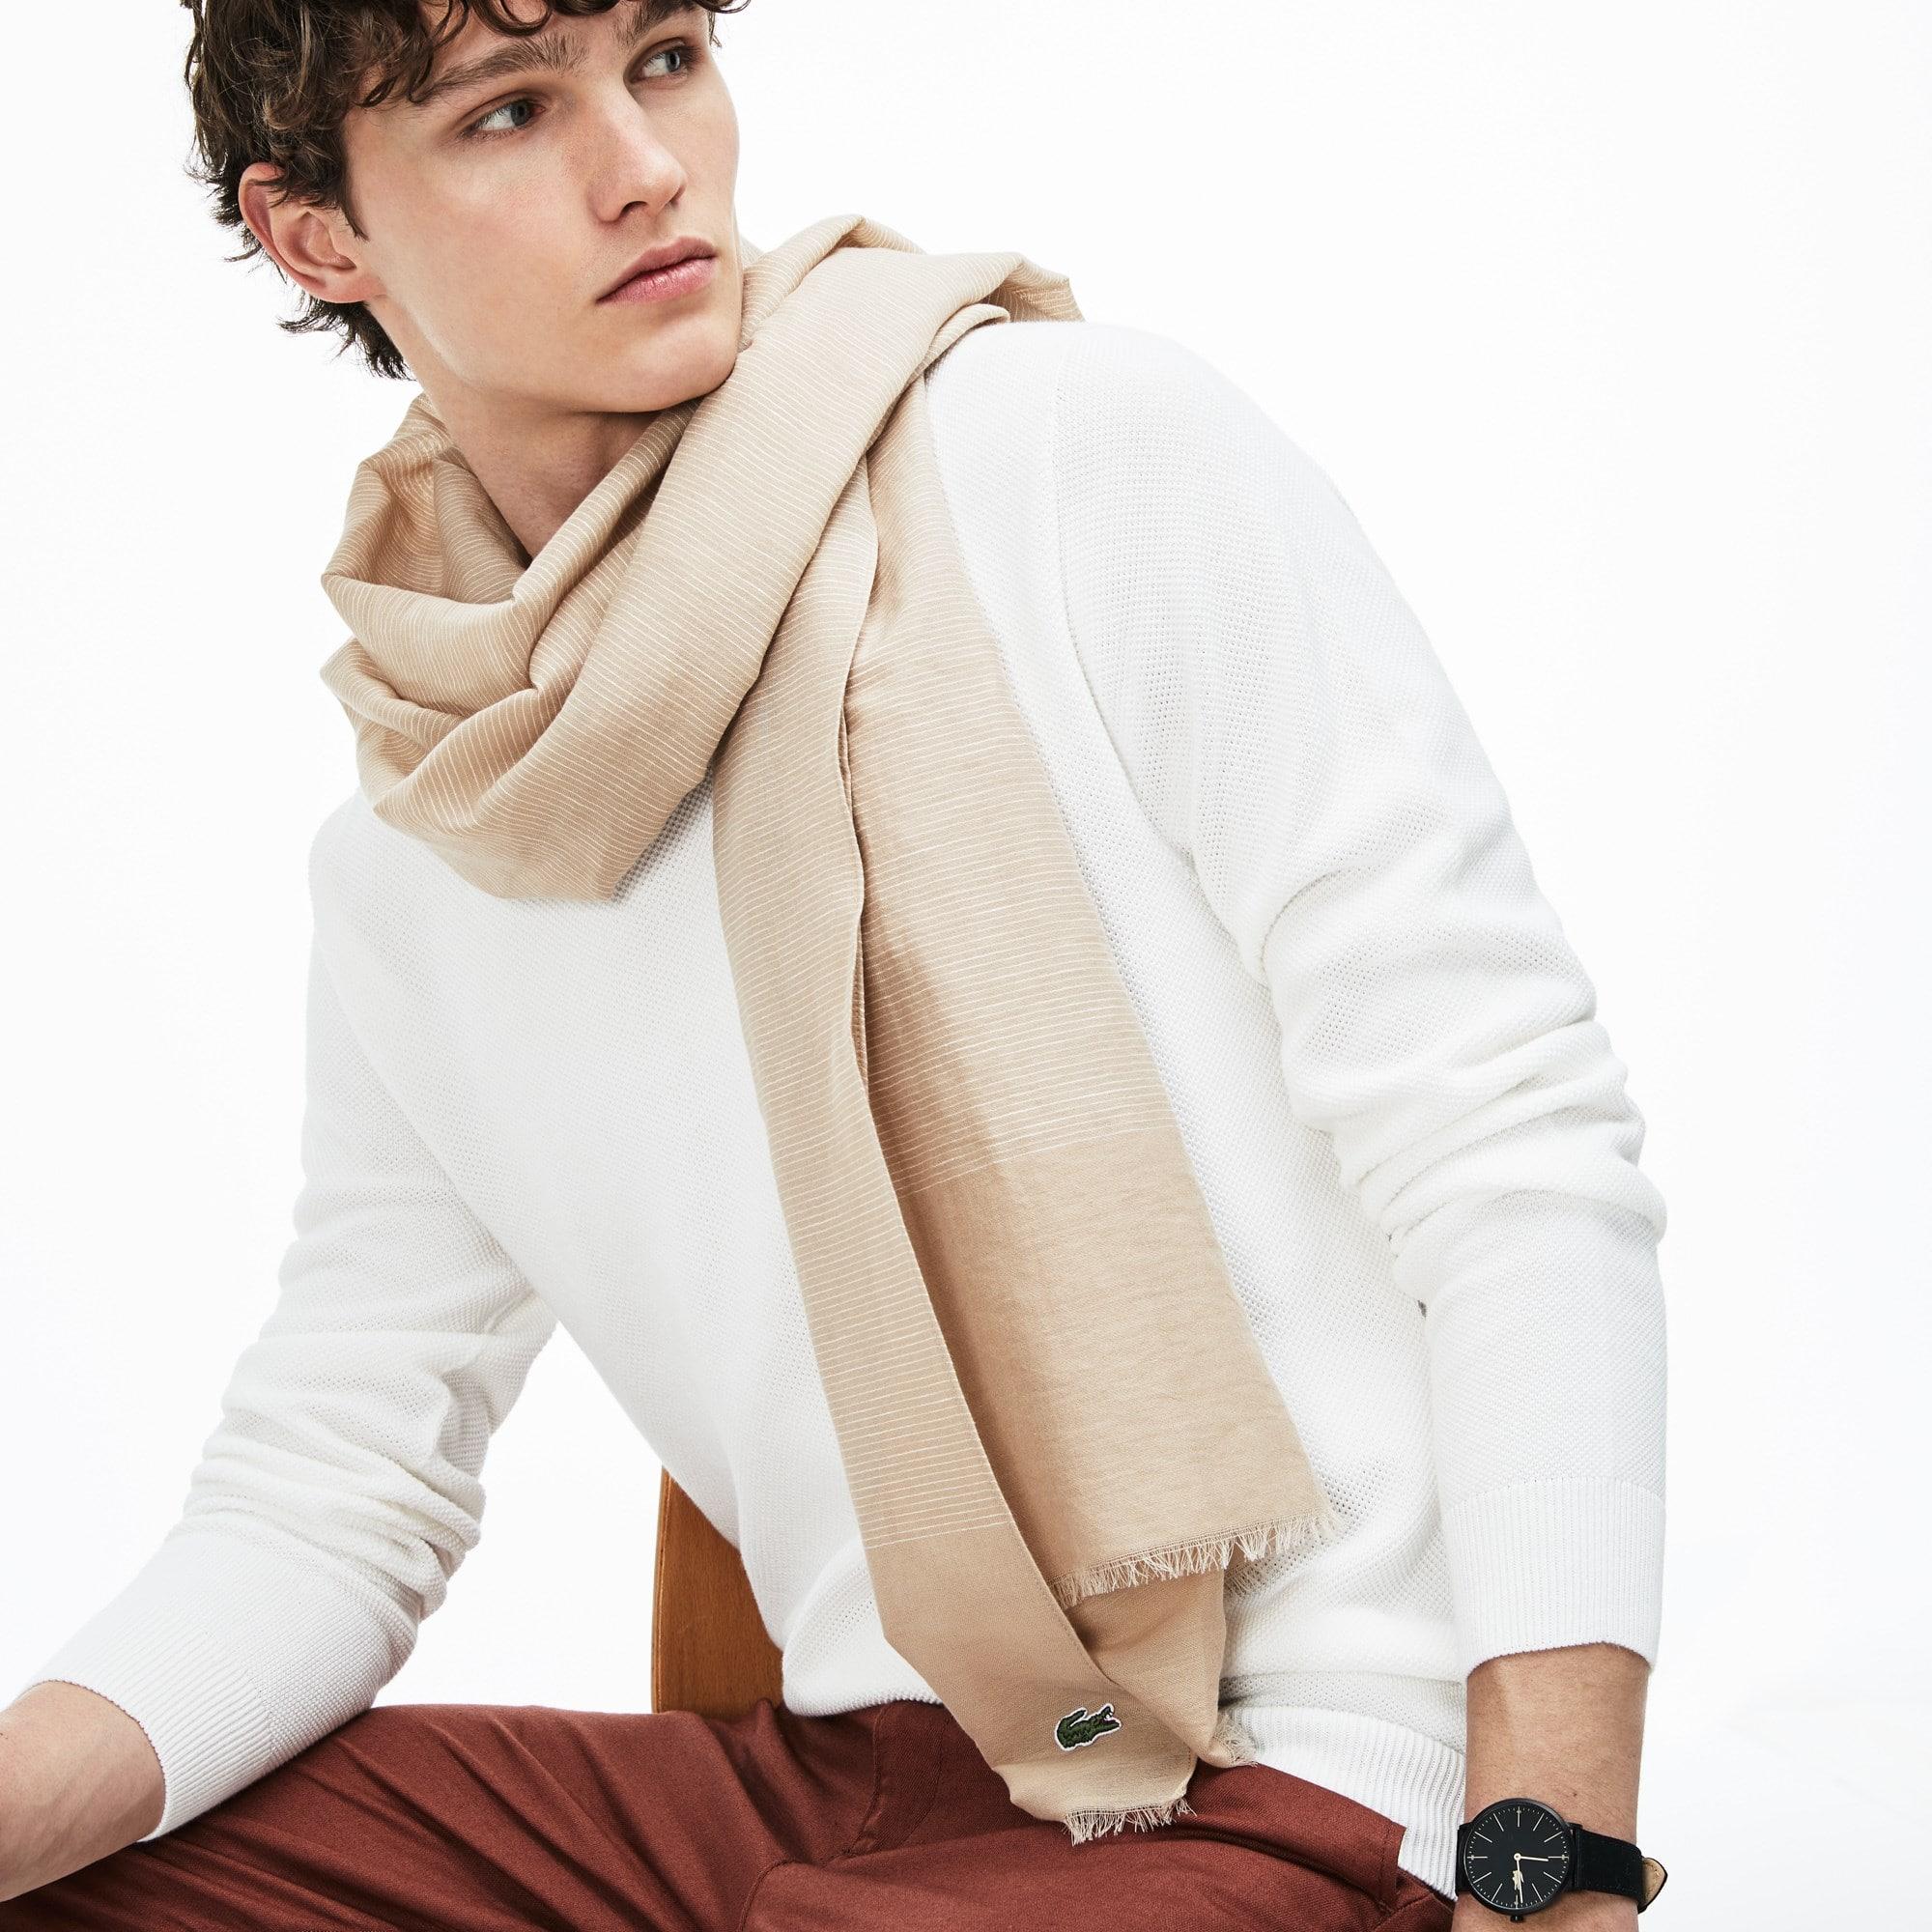 Herren-Schal aus Baumwoll-Leinen-Voile mit Streifen